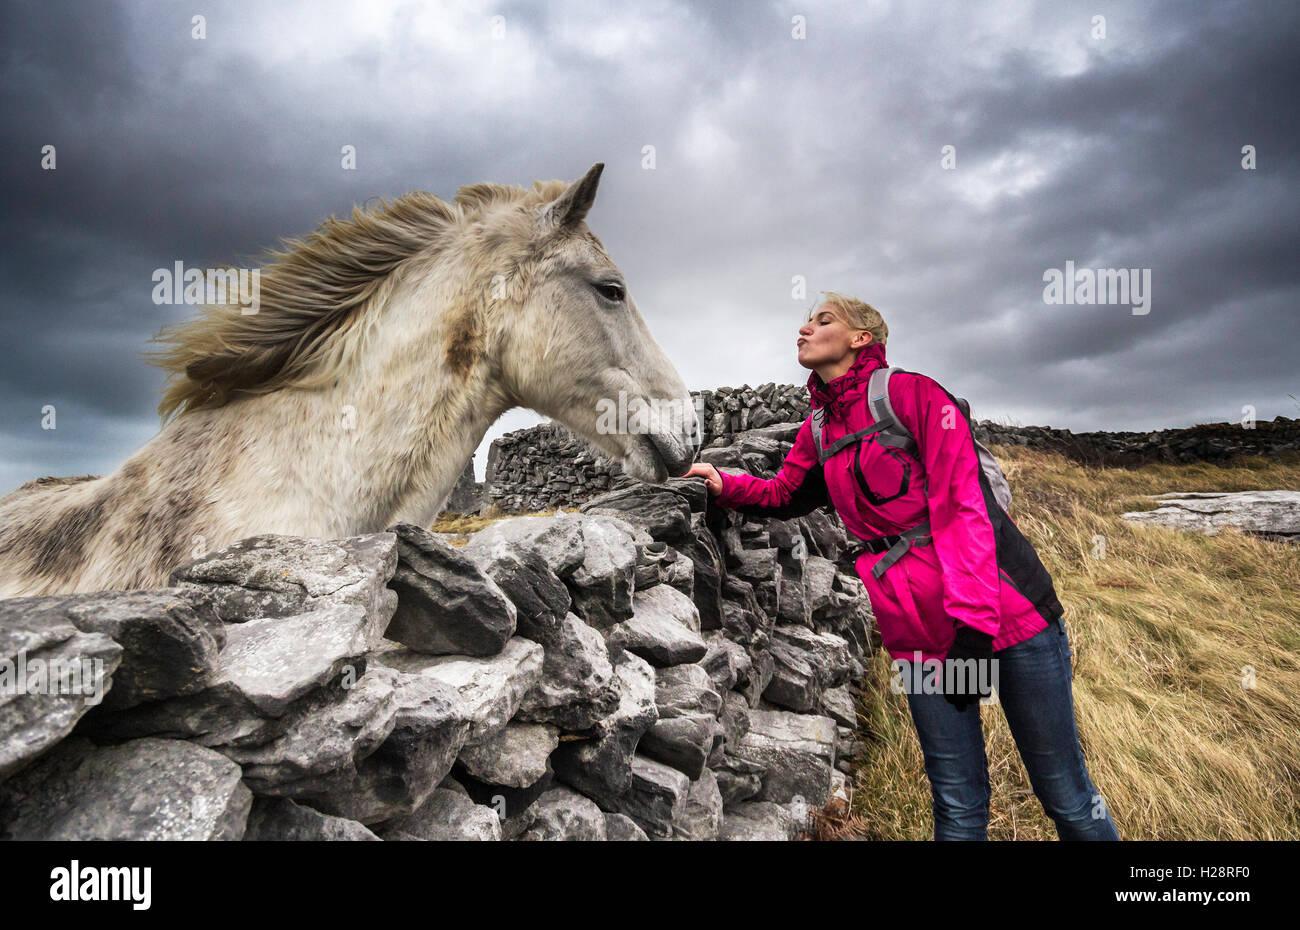 Ragazza adolescente, cavallo, warmblood bavarese, in piedi, baciare, vista laterale Immagini Stock